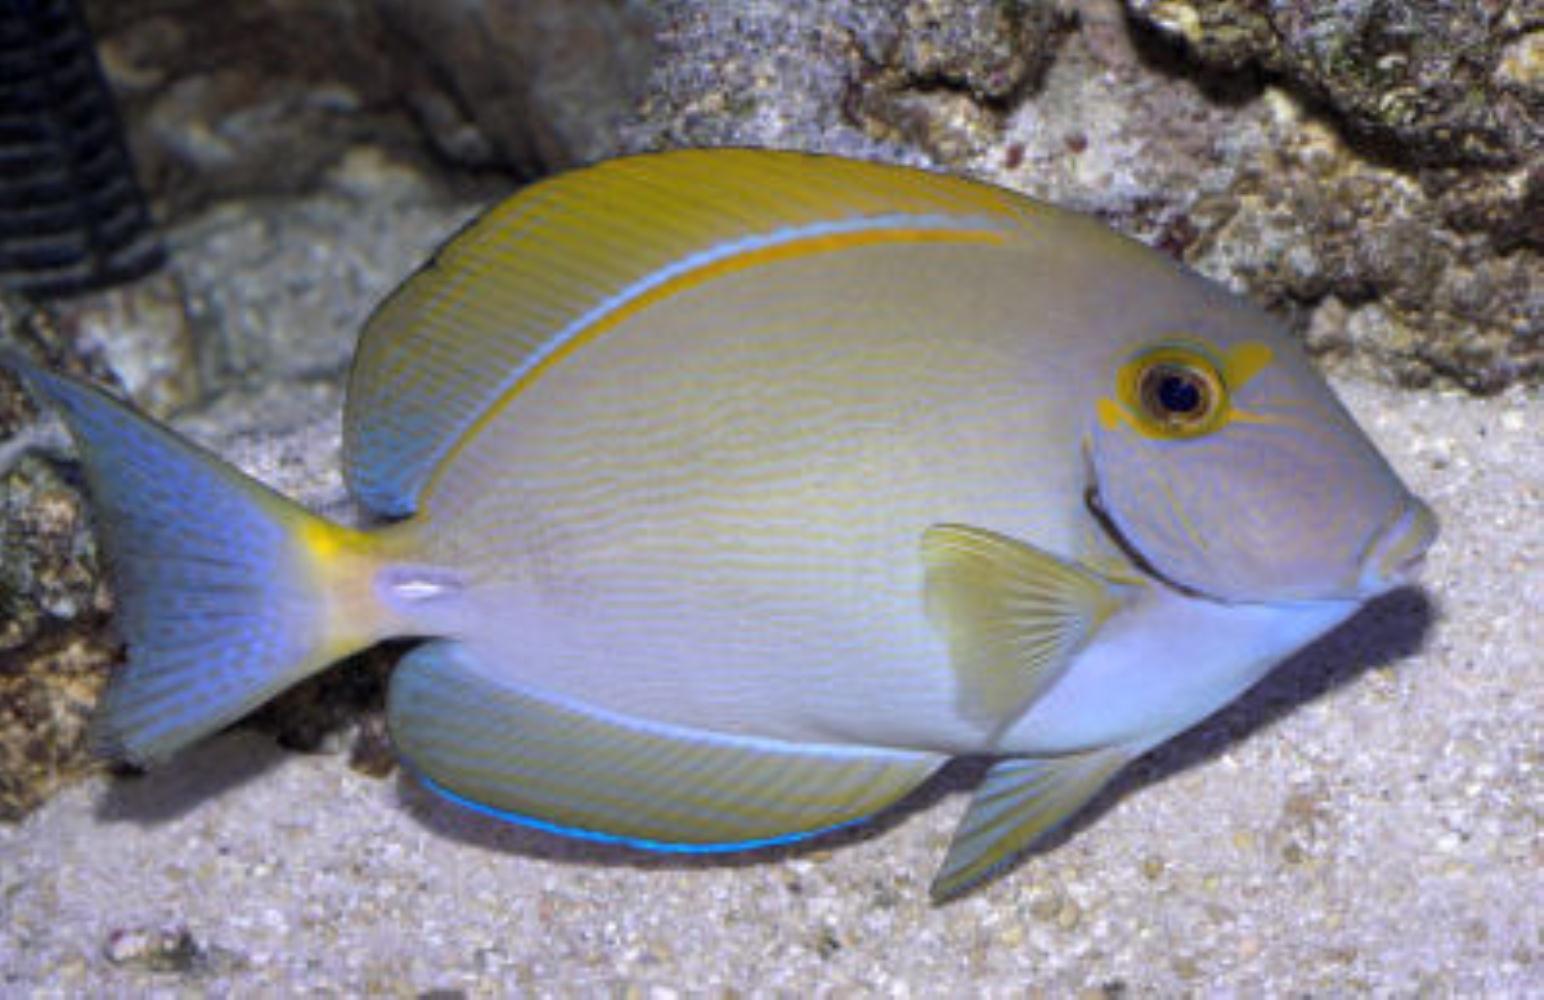 Dussumier's Surgeonfish